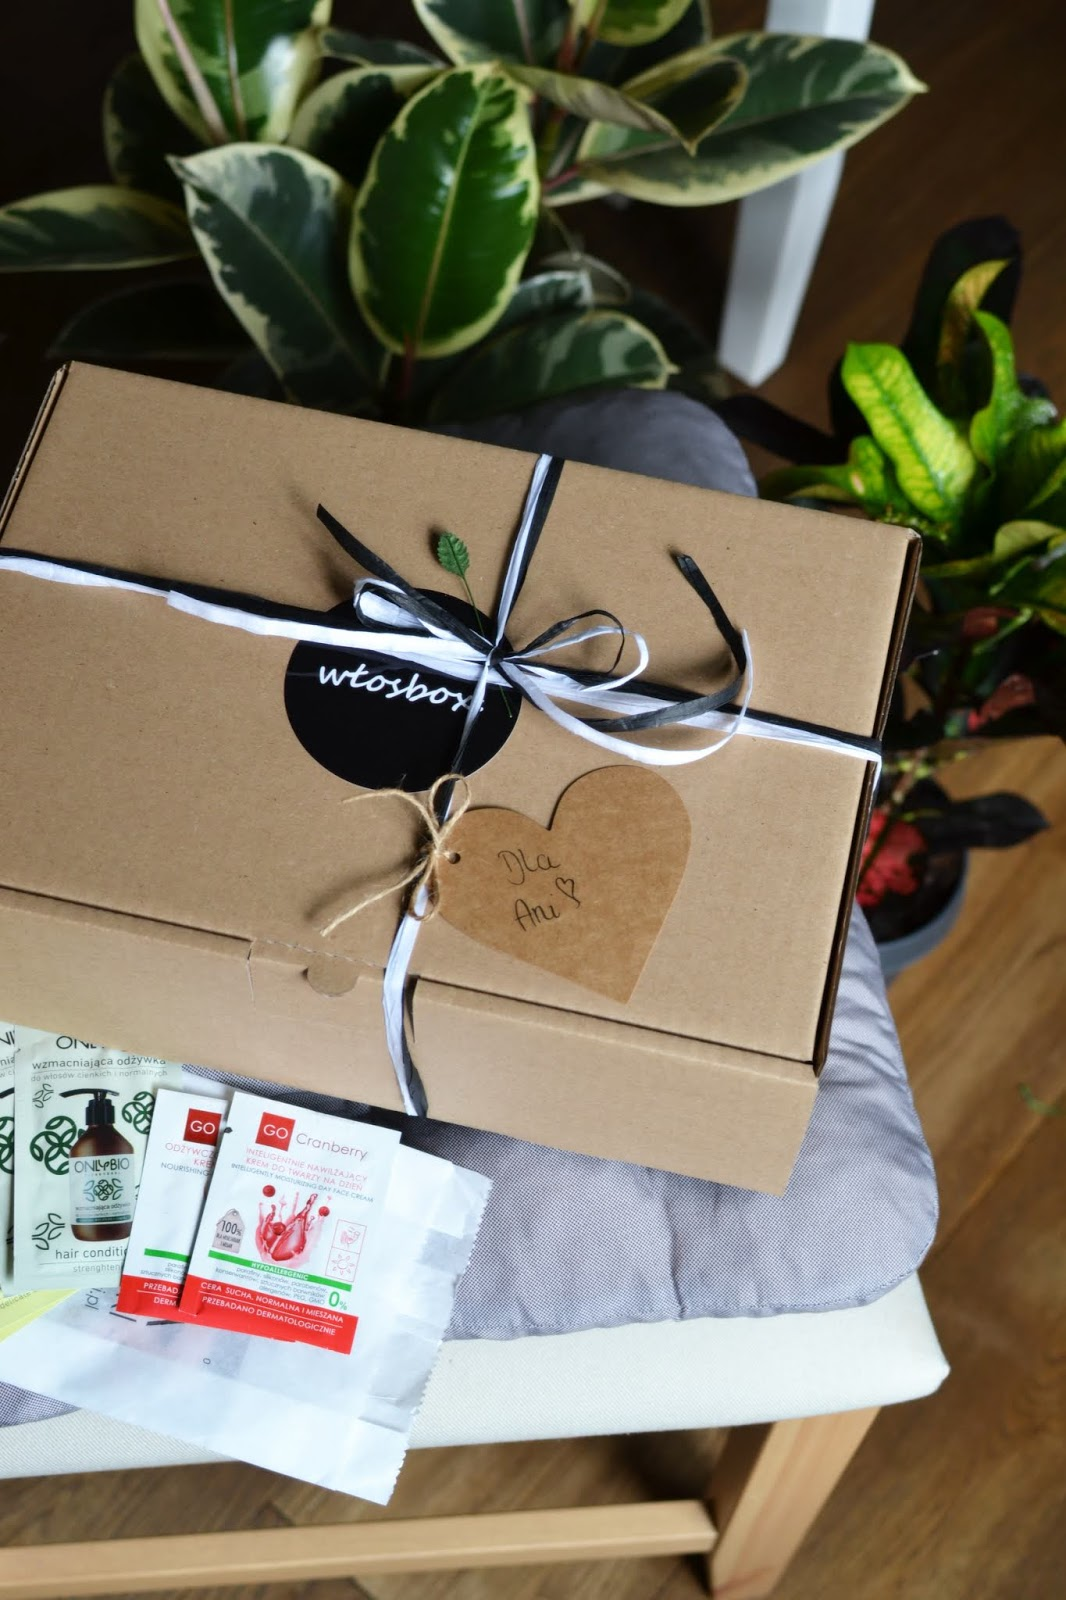 Włosbox Kwiecień - co znalazło się w pierwszym włosowym pudełku?